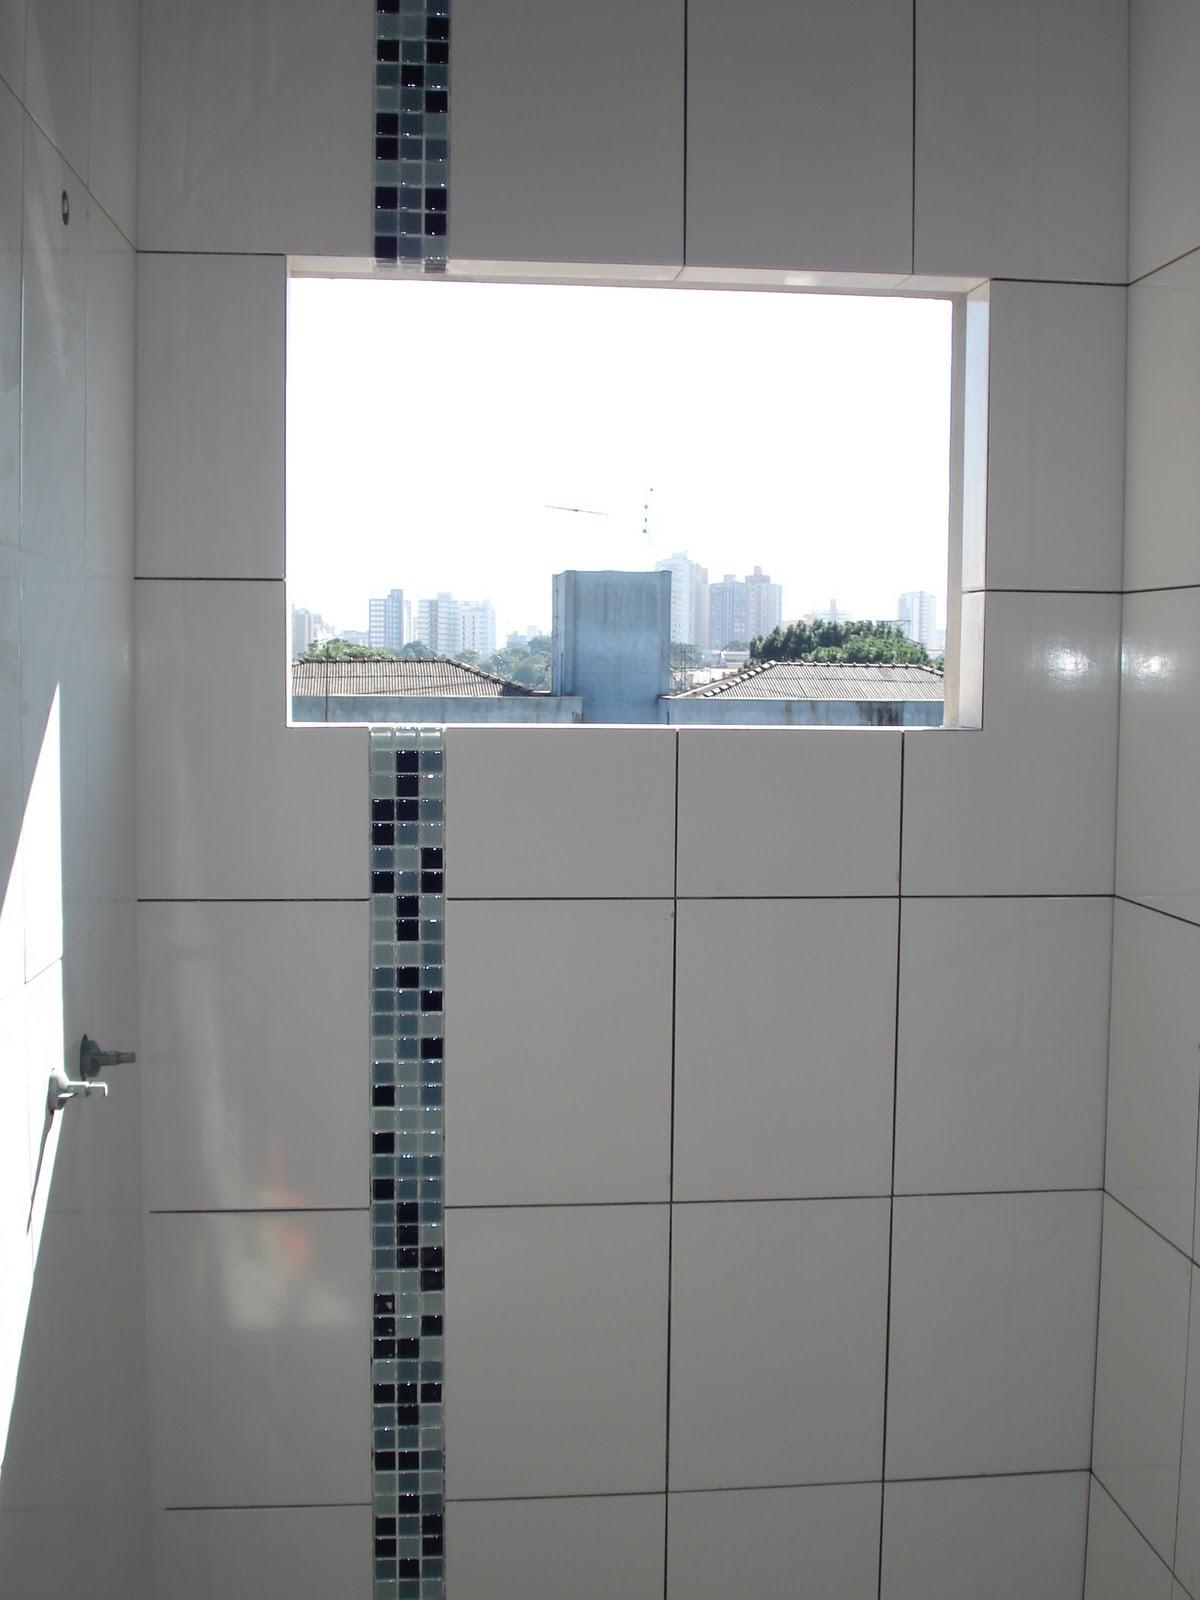 Nasce uma casa ***** O dia a dia de uma construção: Olhando para  #4F687C 1200x1600 Azulejo Madeira Banheiro